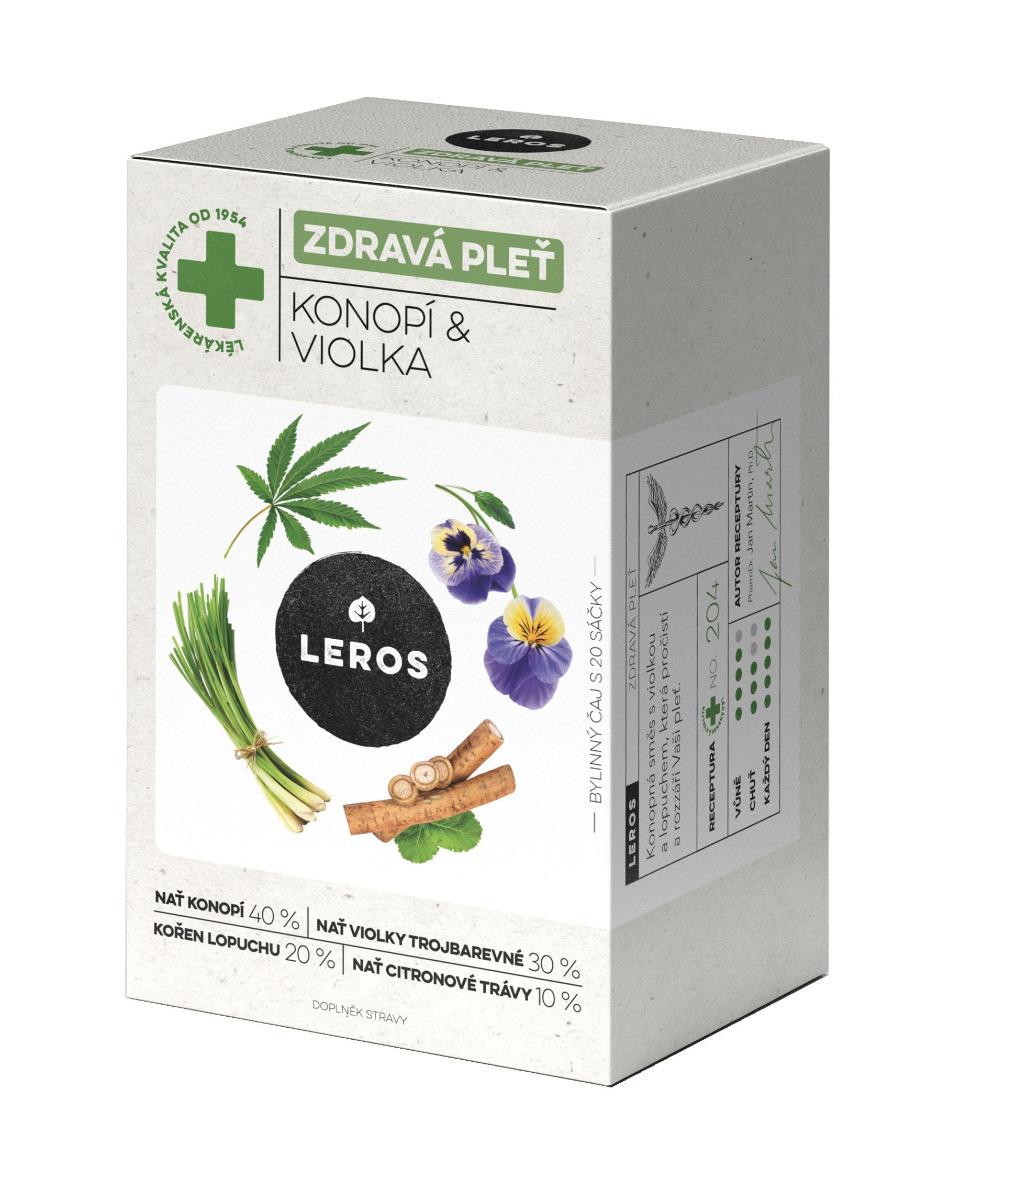 Leros Zdravá pleť konopí & violka 20x1,5 g